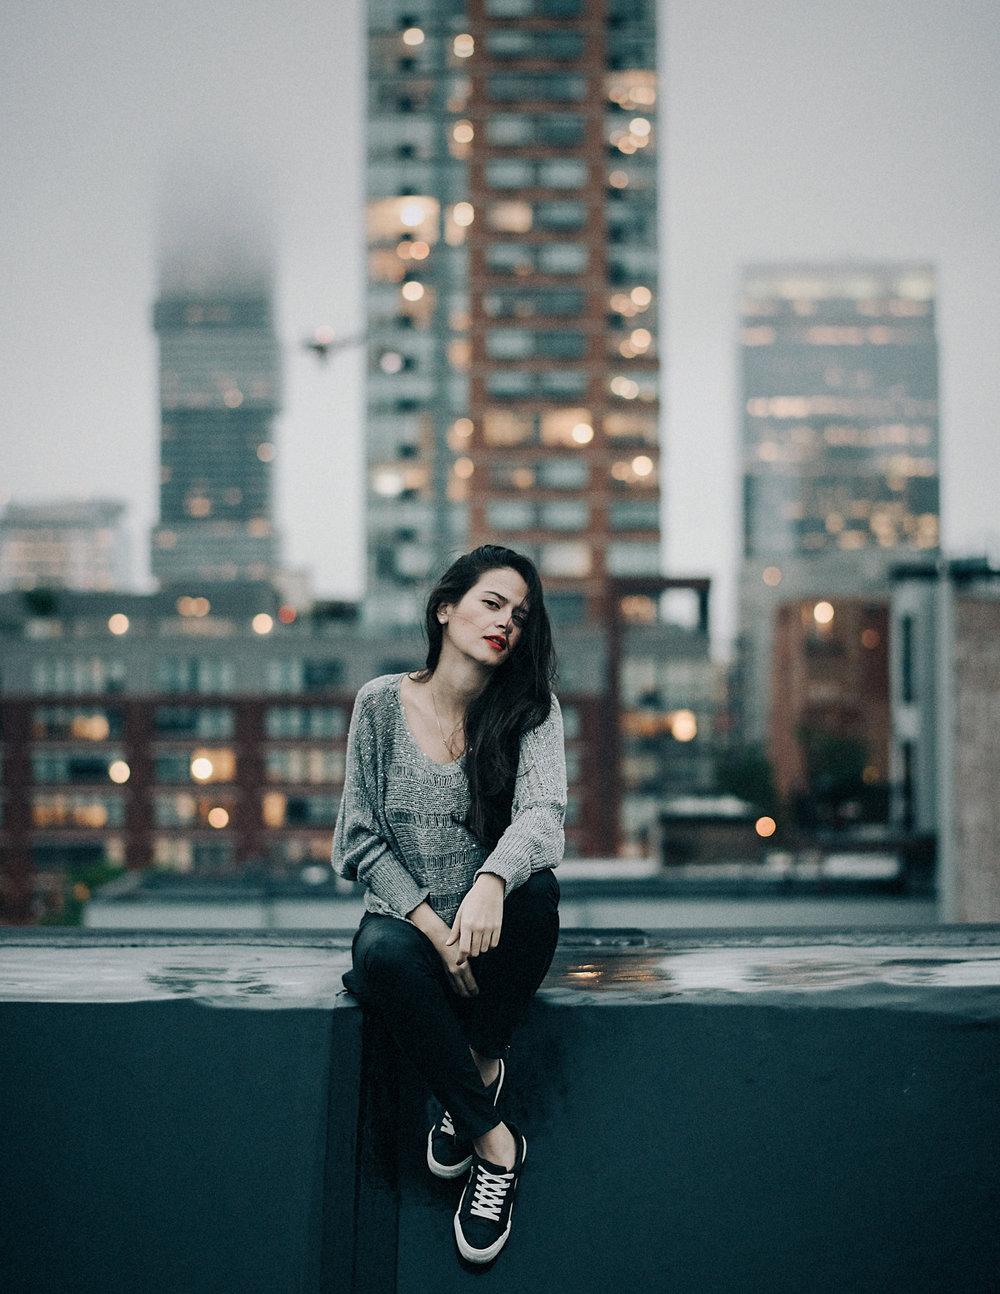 Camila-7.jpg